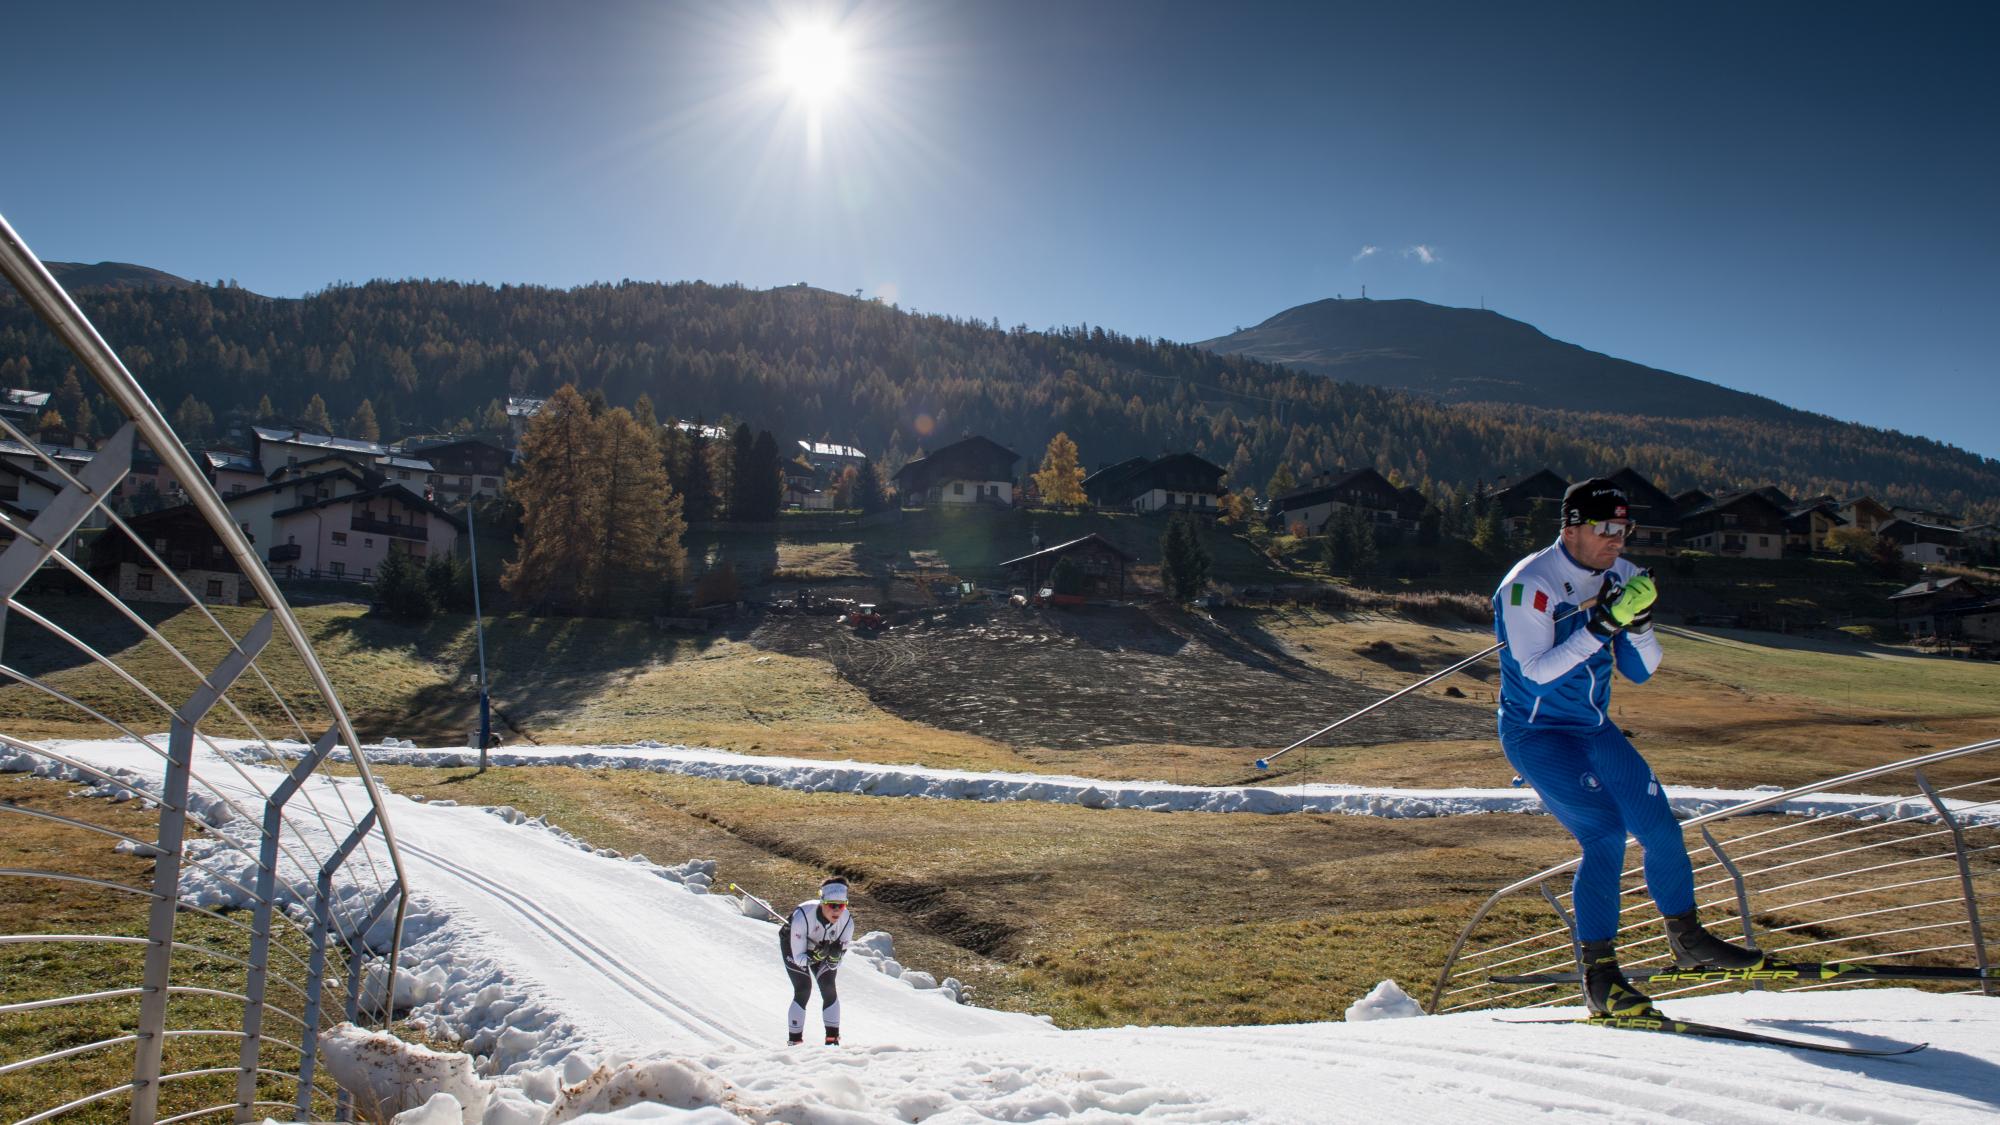 Langlaufen ist in Livigno dank der Snowfarming-Technik schon ab Mitte Oktober möglich